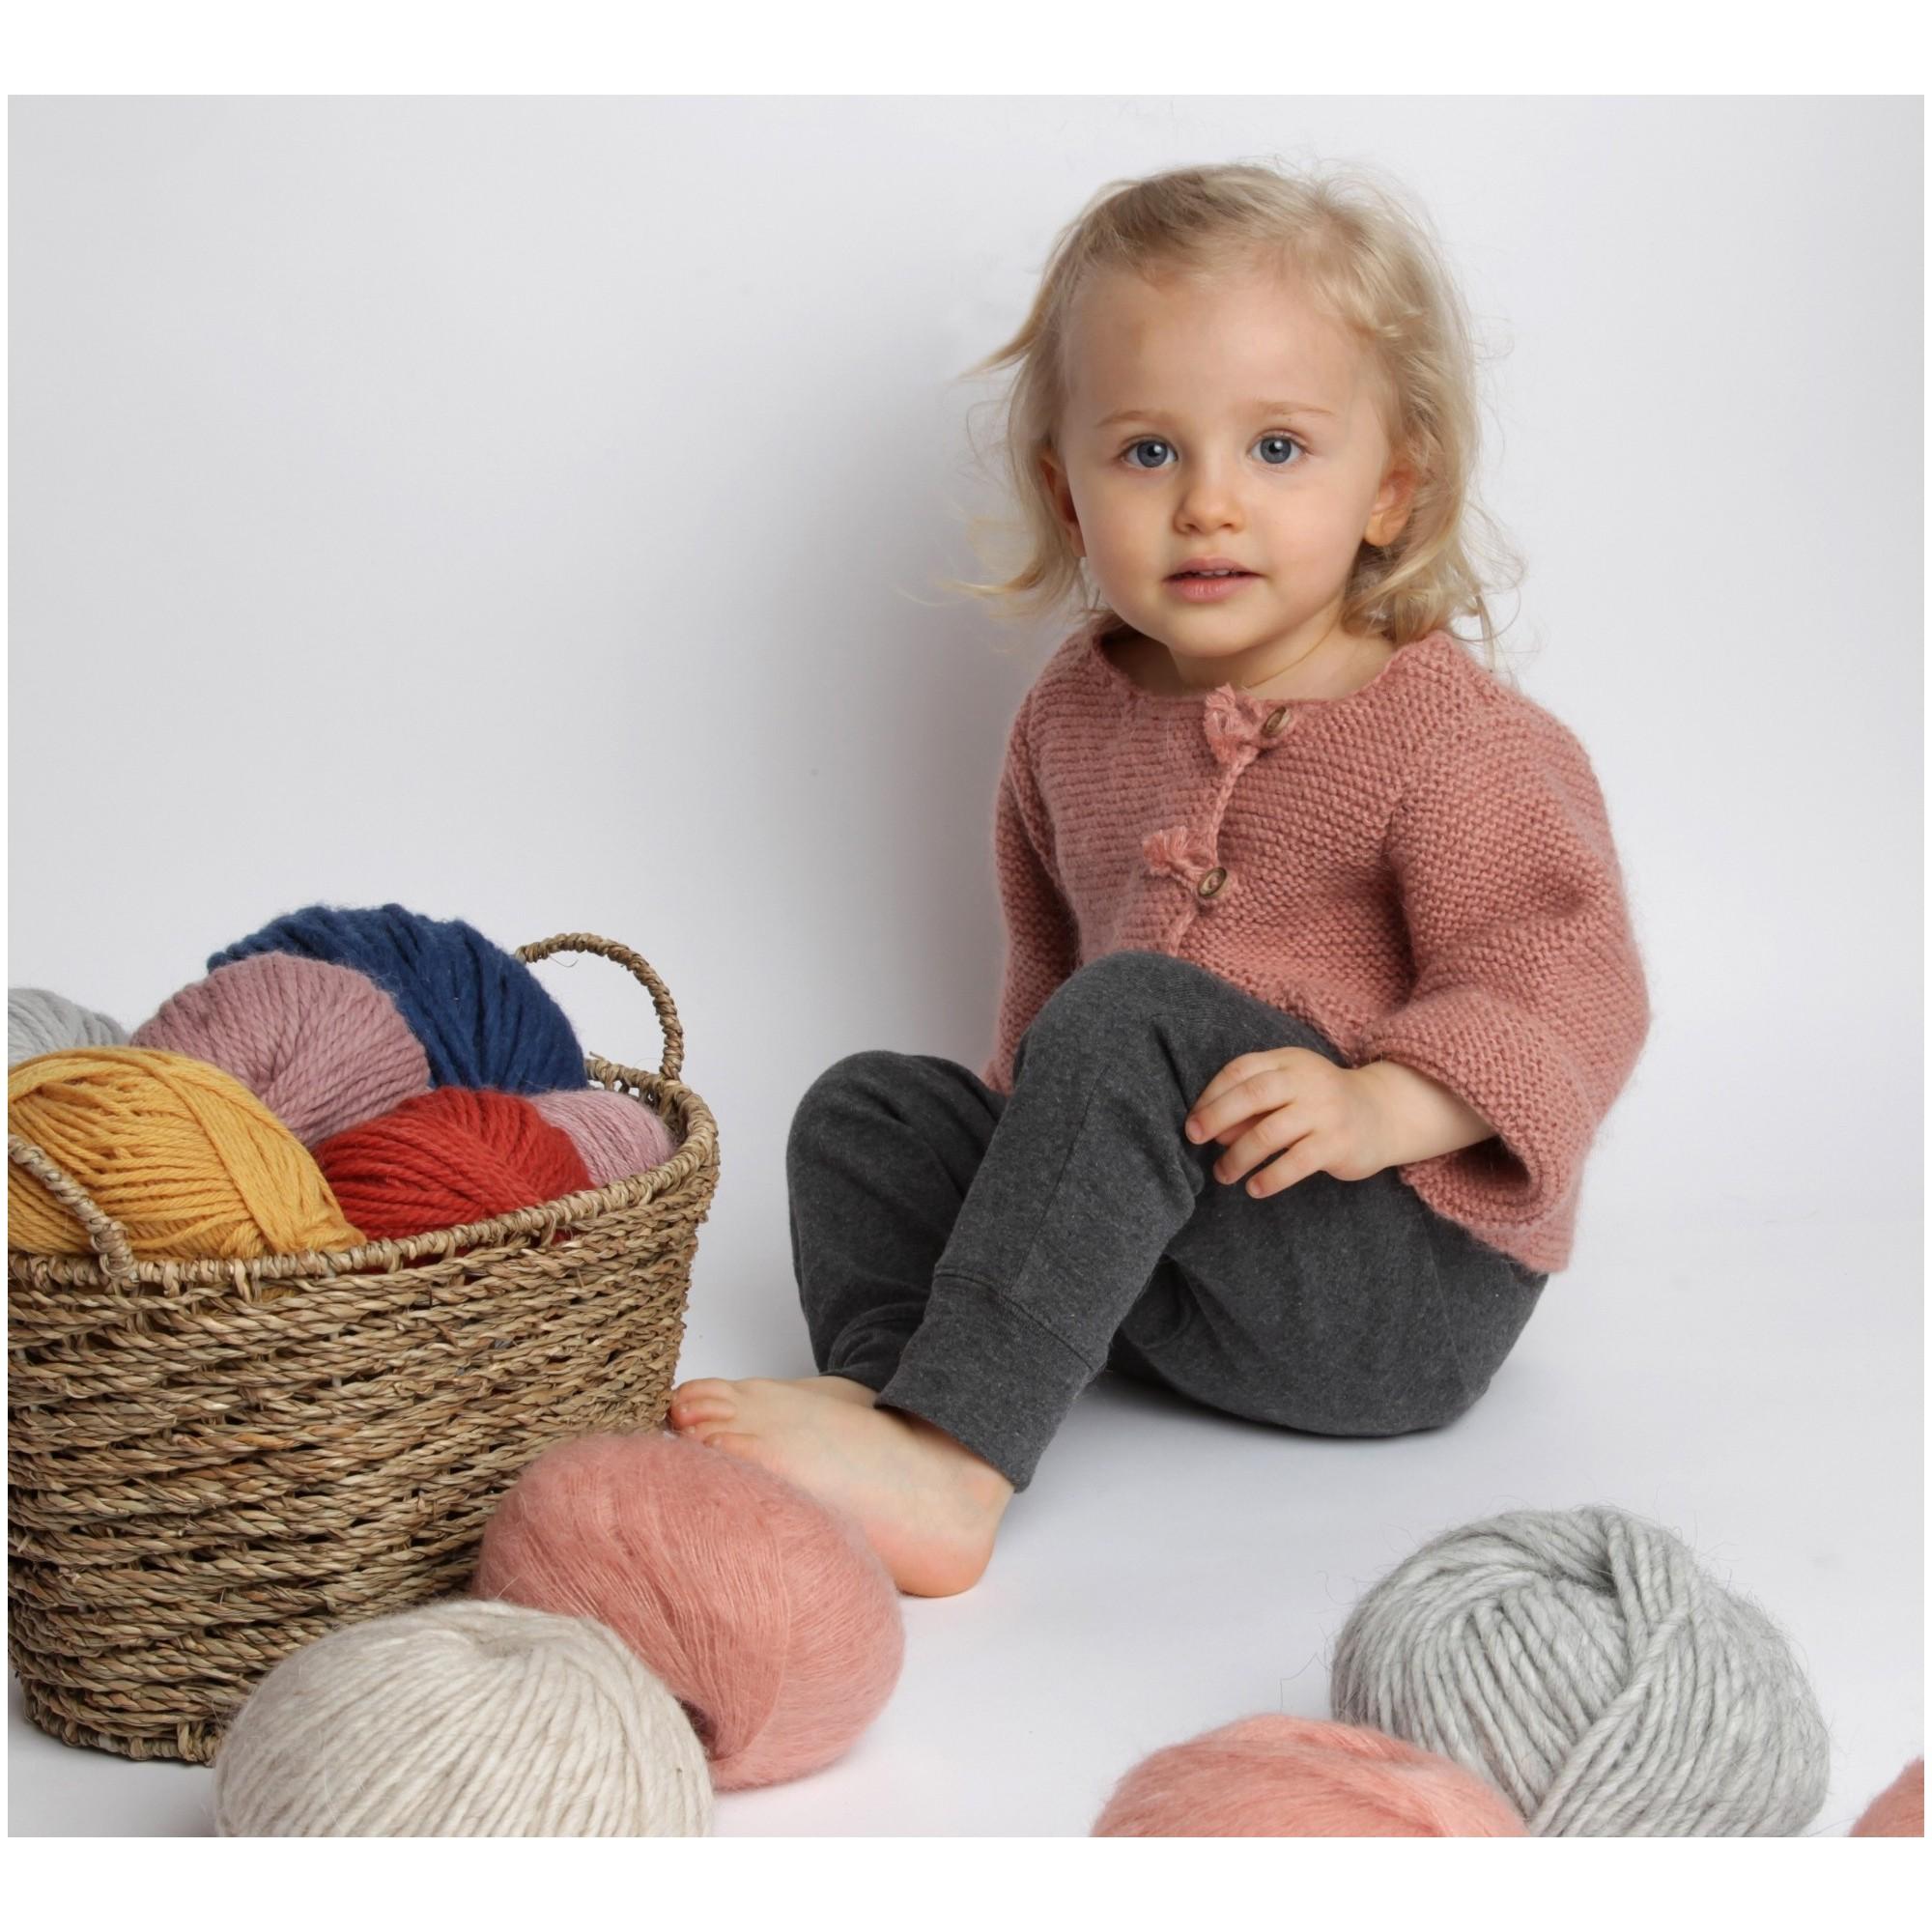 les tricots de mamy gilet b b marine chaud et doux point mousse en laine et mohair mamy. Black Bedroom Furniture Sets. Home Design Ideas